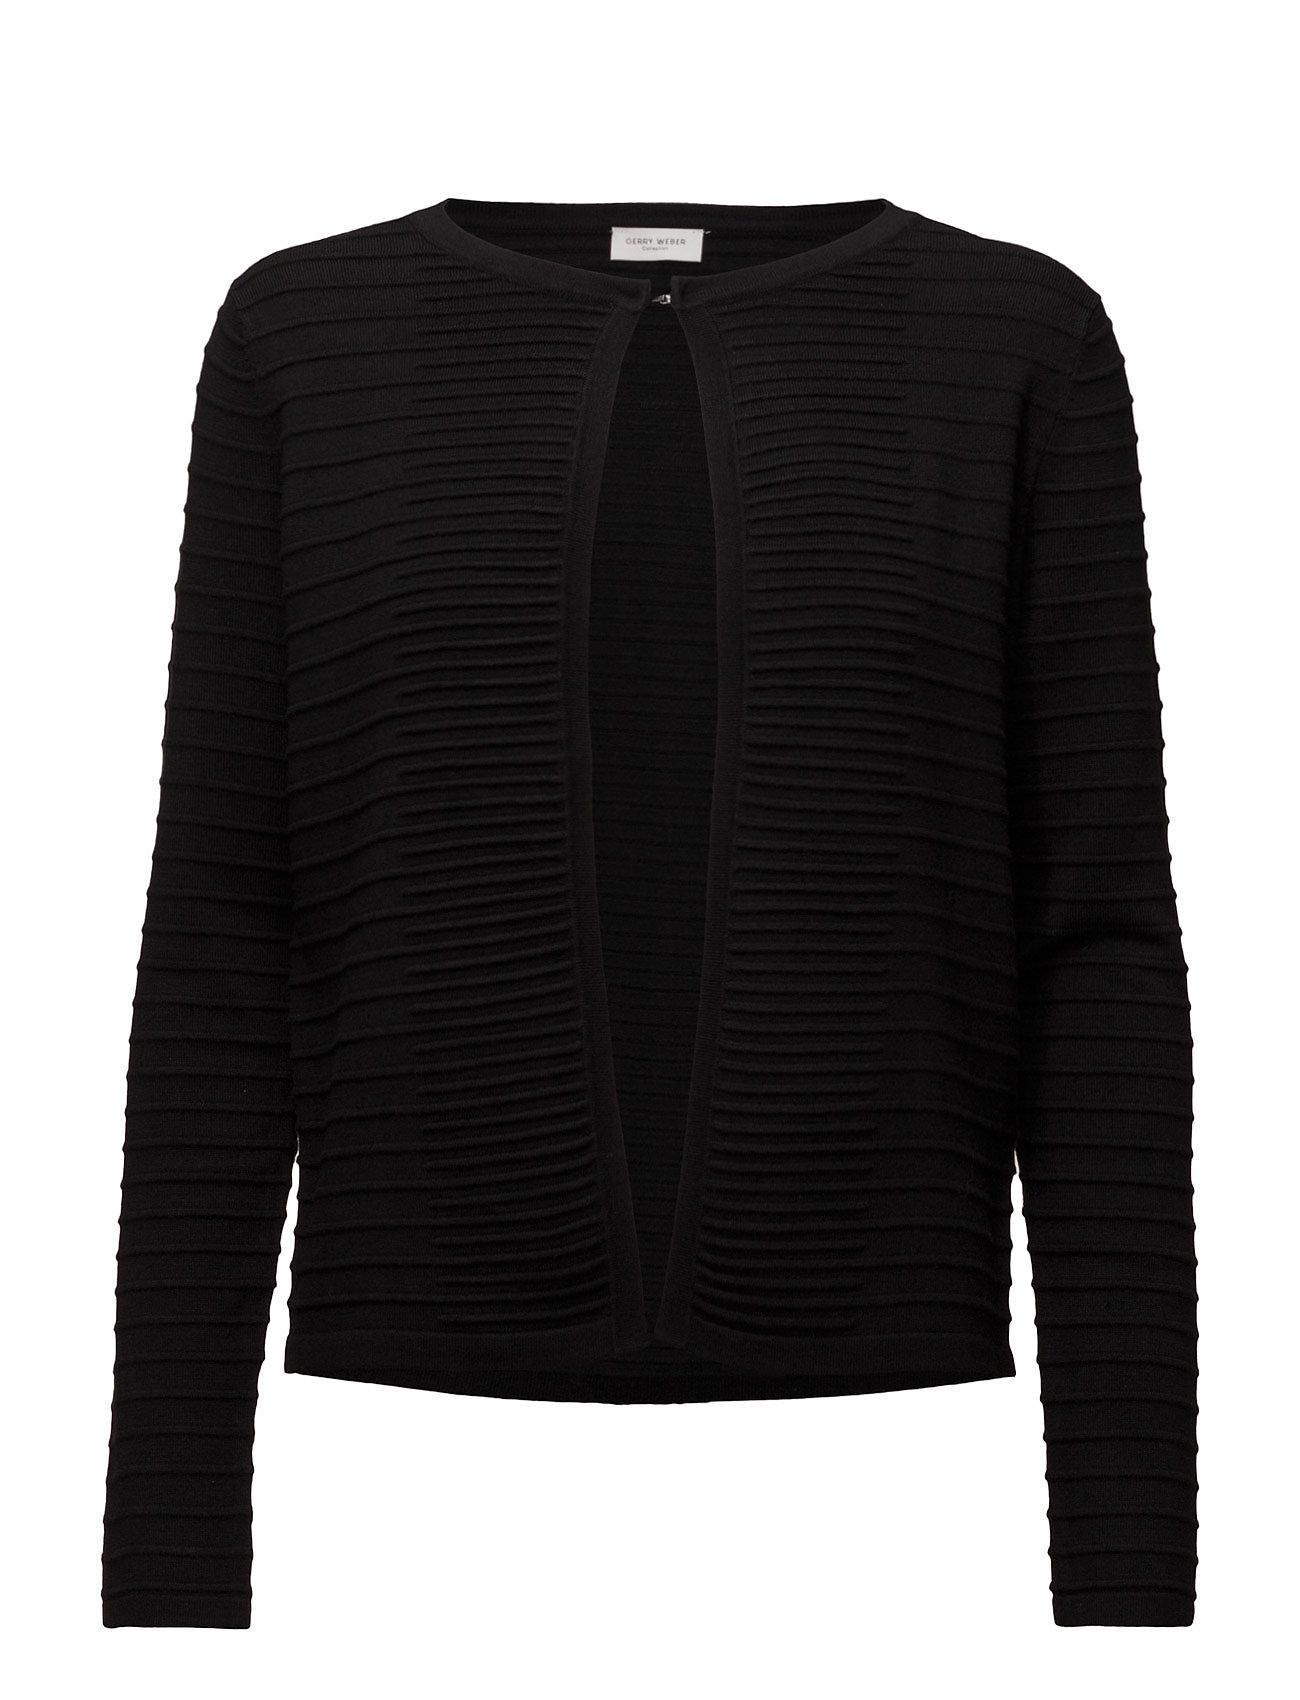 Jacket Knitwear Gerry Weber Cardigans til Damer i Sort